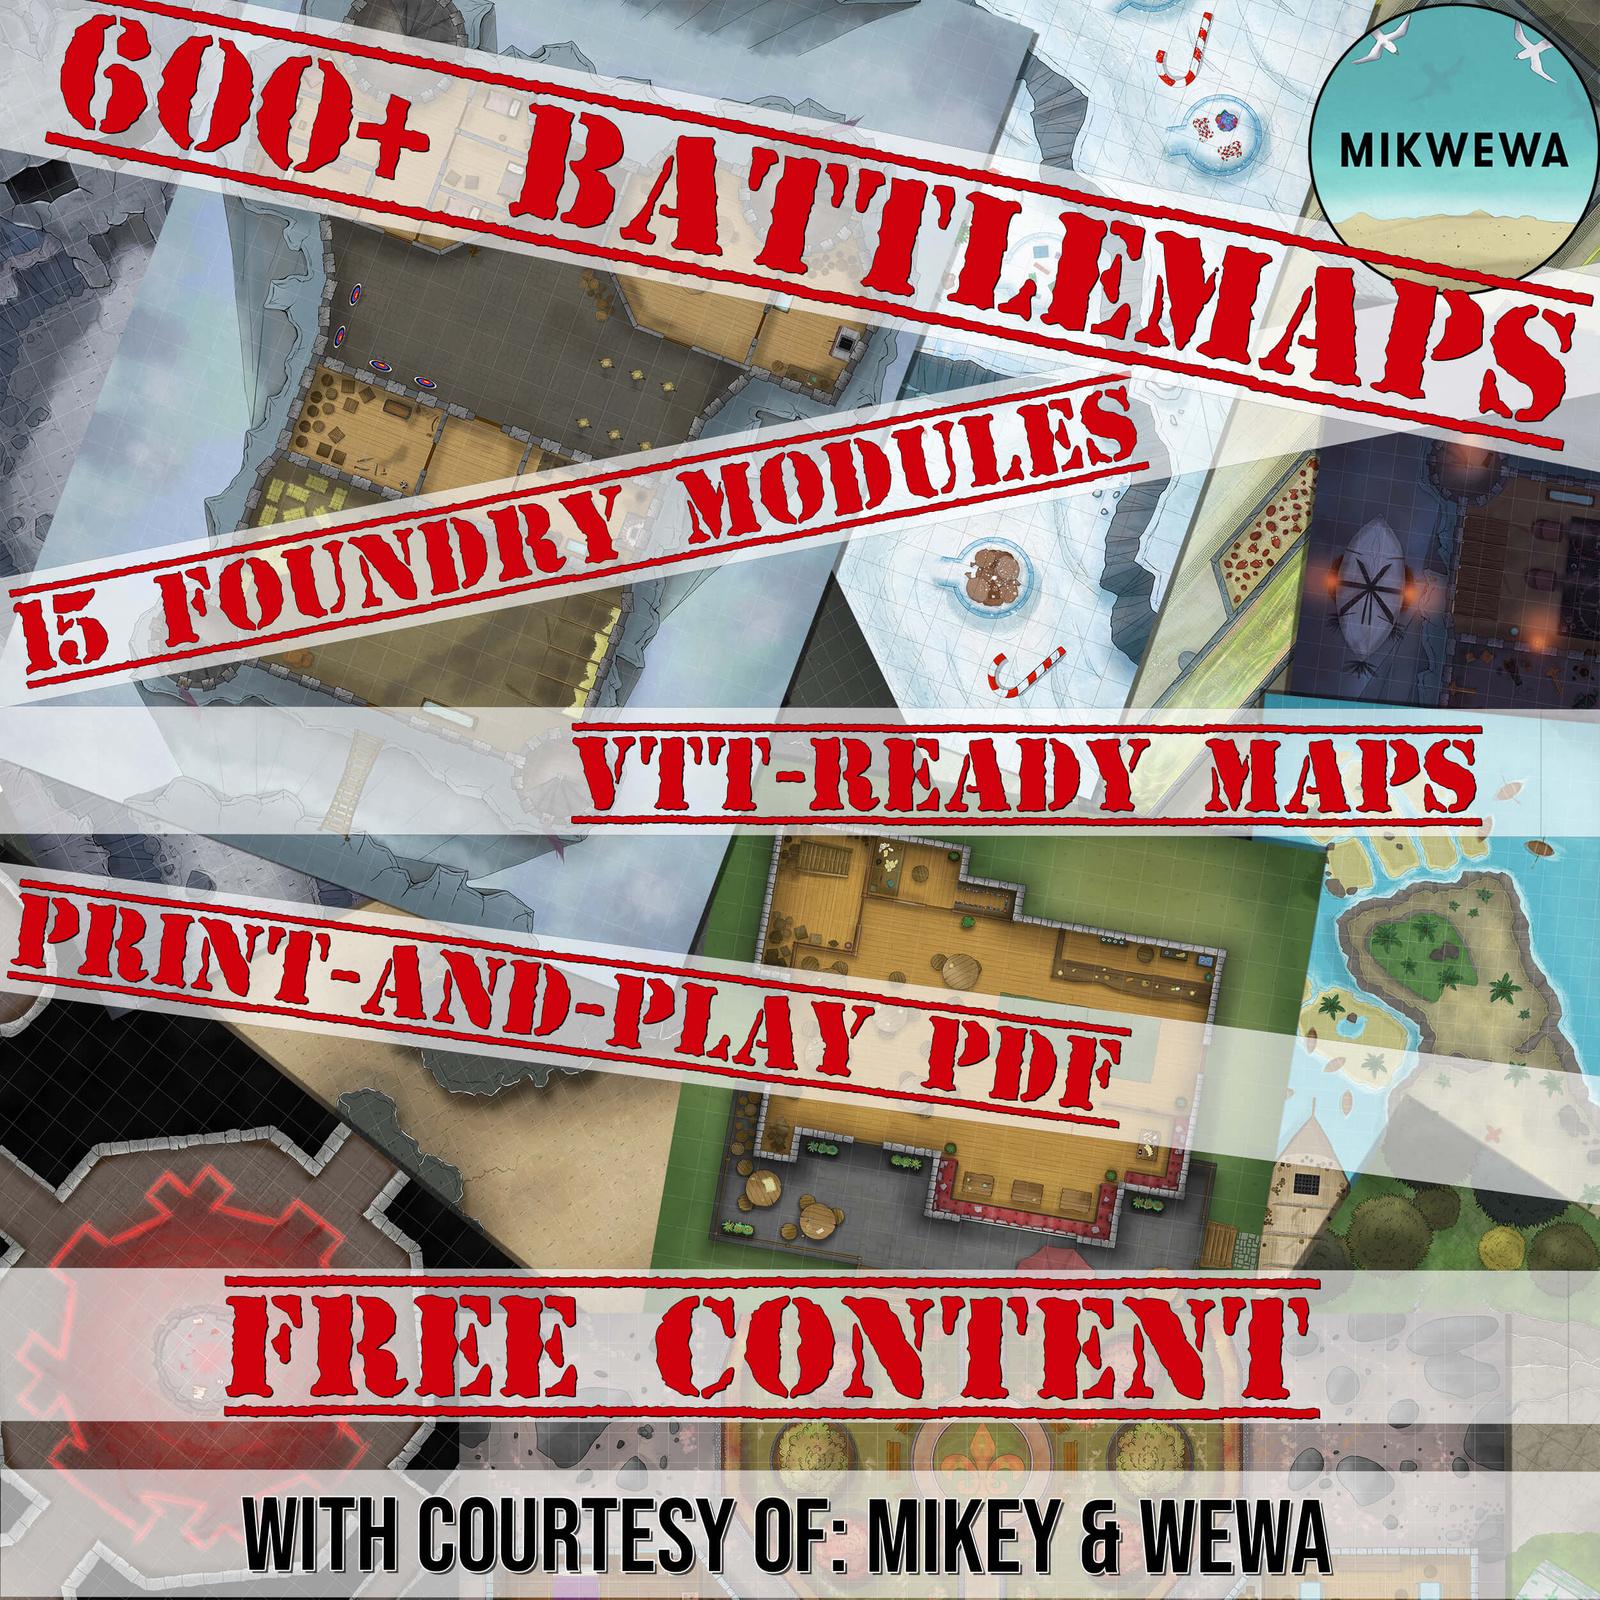 Für Tabletop Rollenspieler: 608 kostenlose Battlemaps. Als Druckbare PDFs, VTT-Ready Images und Foundry Modules